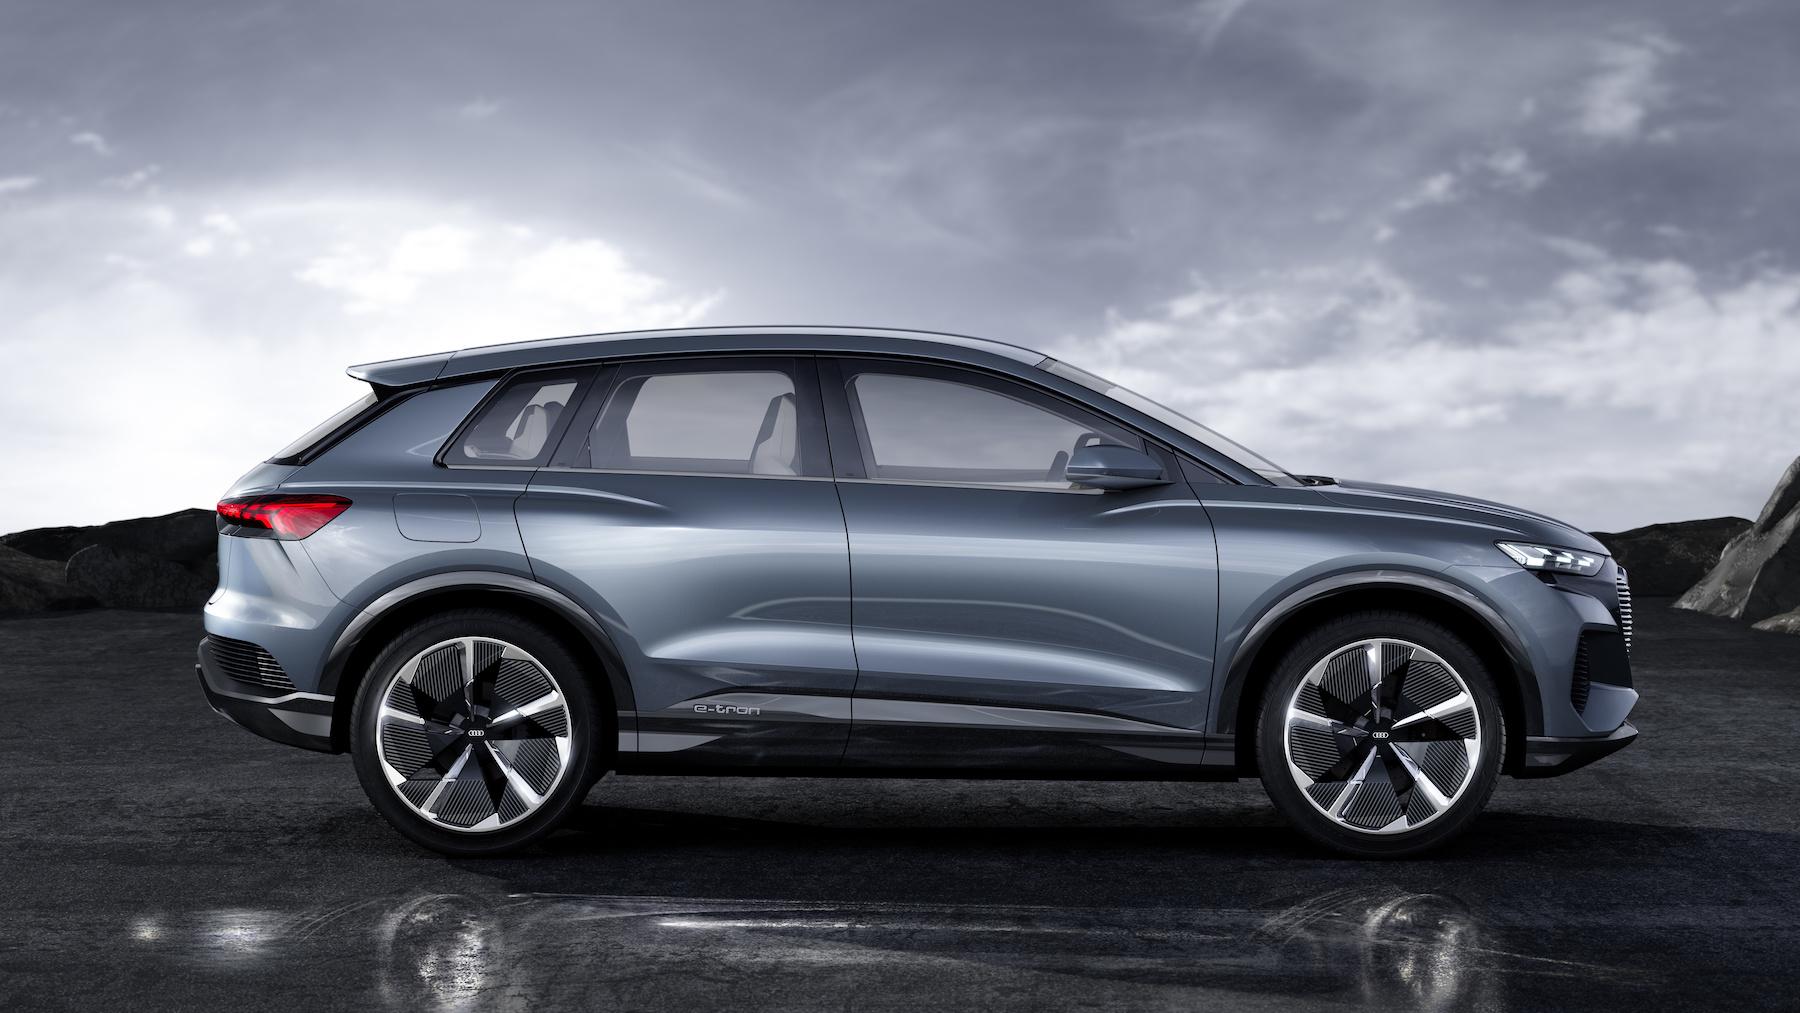 Des ailes prononcées, une ligne de toit sportive: l'Audi Q4 e-tron concept revendique un design dynamique. (AUDI)